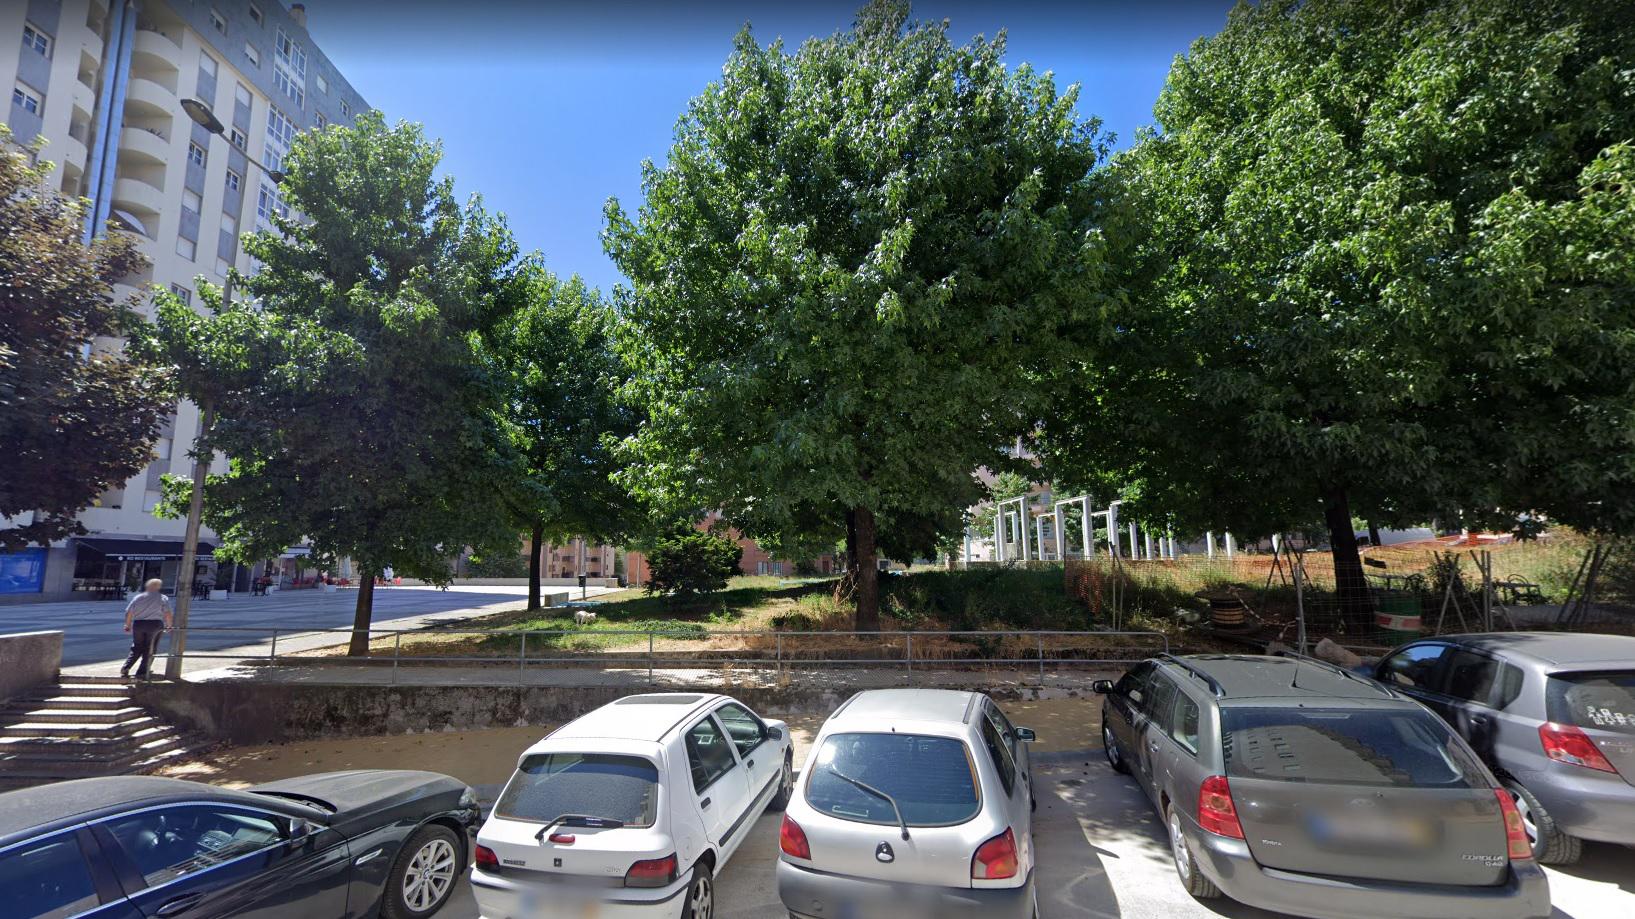 Arrancou requalificação da Praça do Bocage em Braga. Obra inclui anfiteatro, zonas verdes e parque infantil